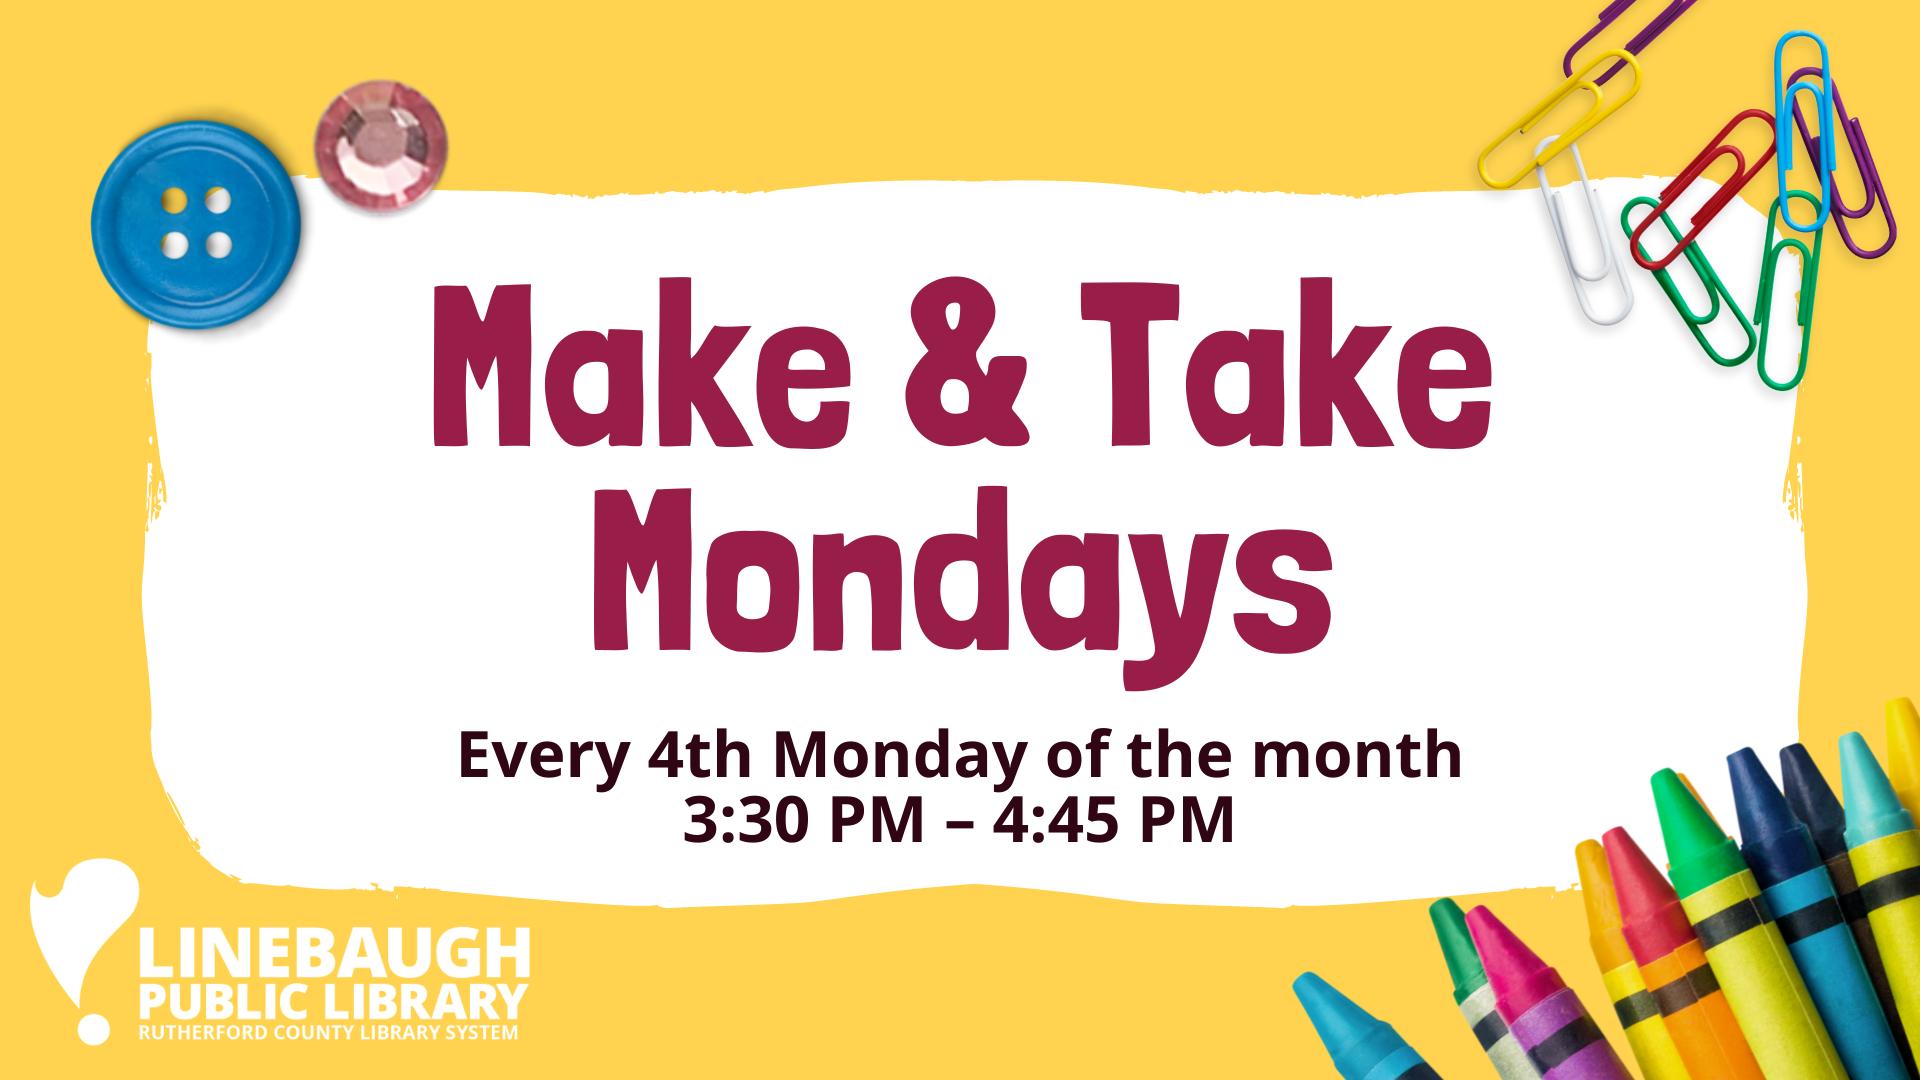 Make & Take Mondays at Linebaugh